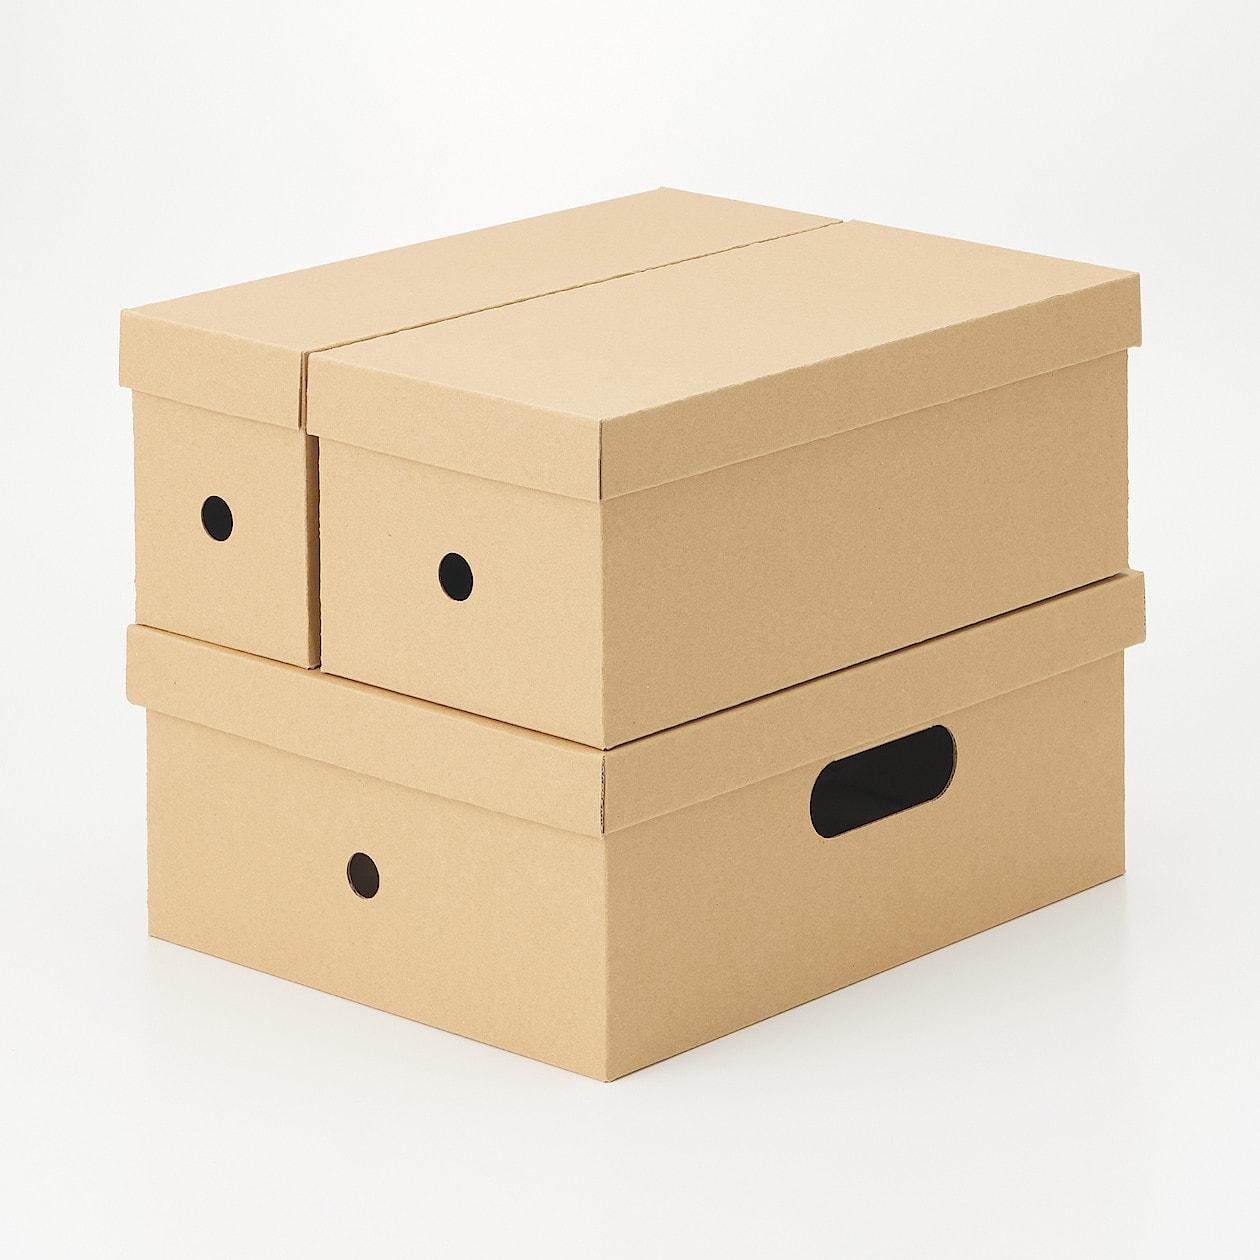 無印良品・ダンボールファイルボックス 高さ1/2サイズ